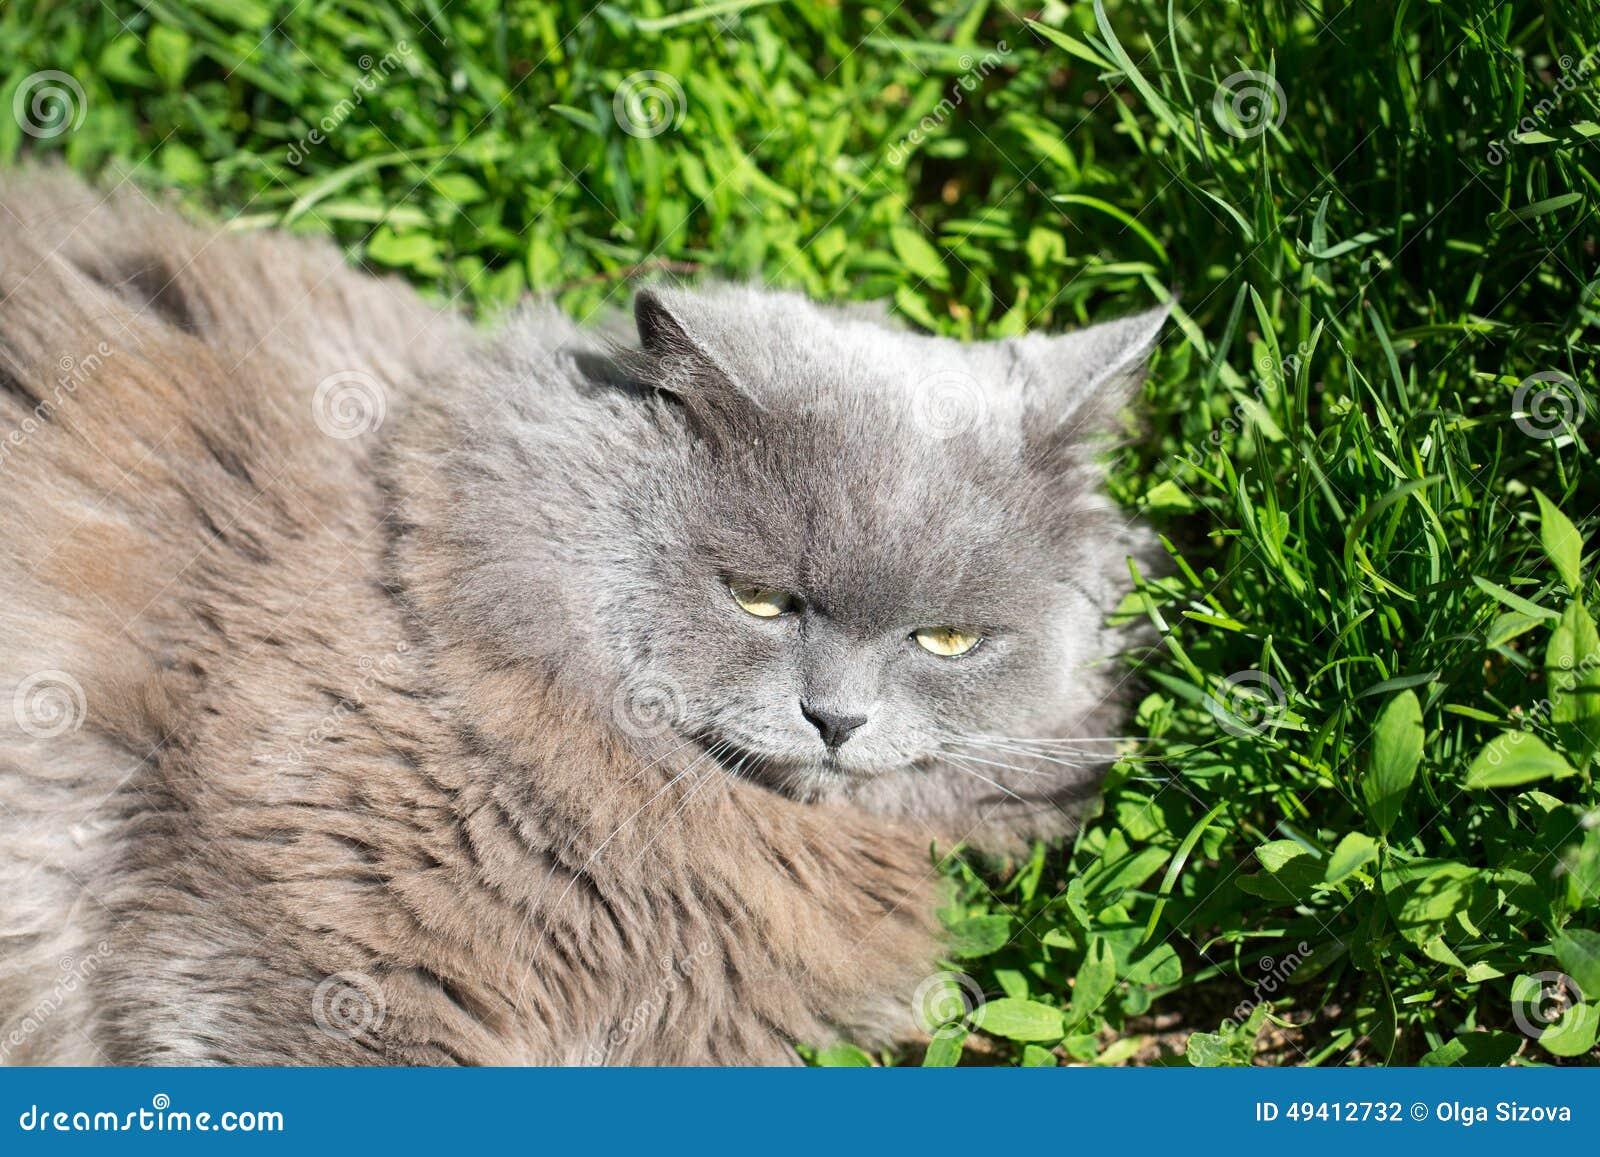 Download Die Katze auf einem Gras stockfoto. Bild von grau, nett - 49412732